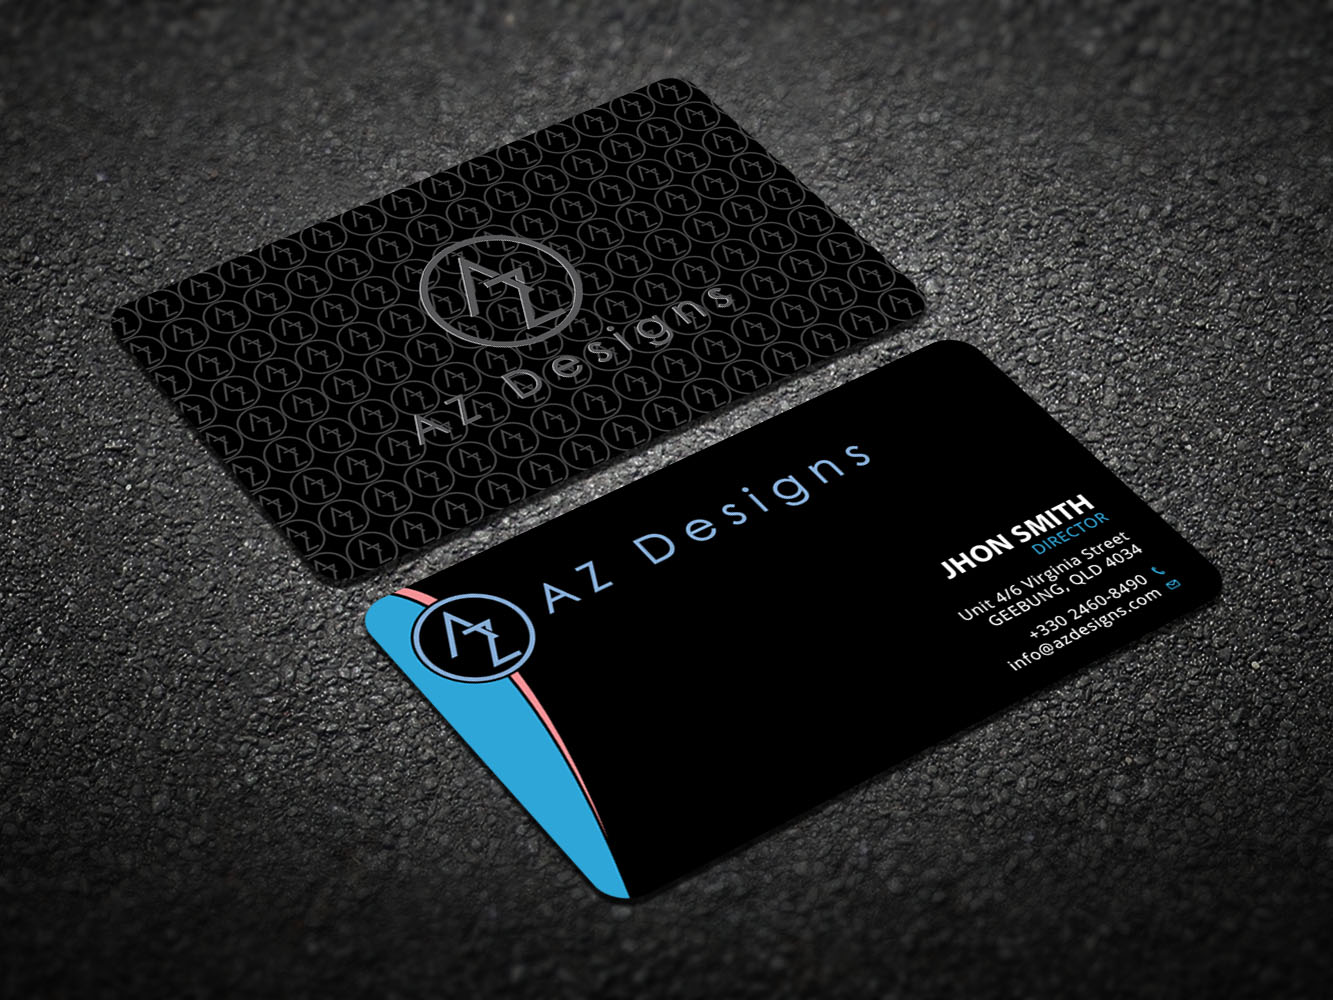 Elegant feminine design agency business card design for az designs business card design by design xeneration for az designs design 10751161 reheart Images